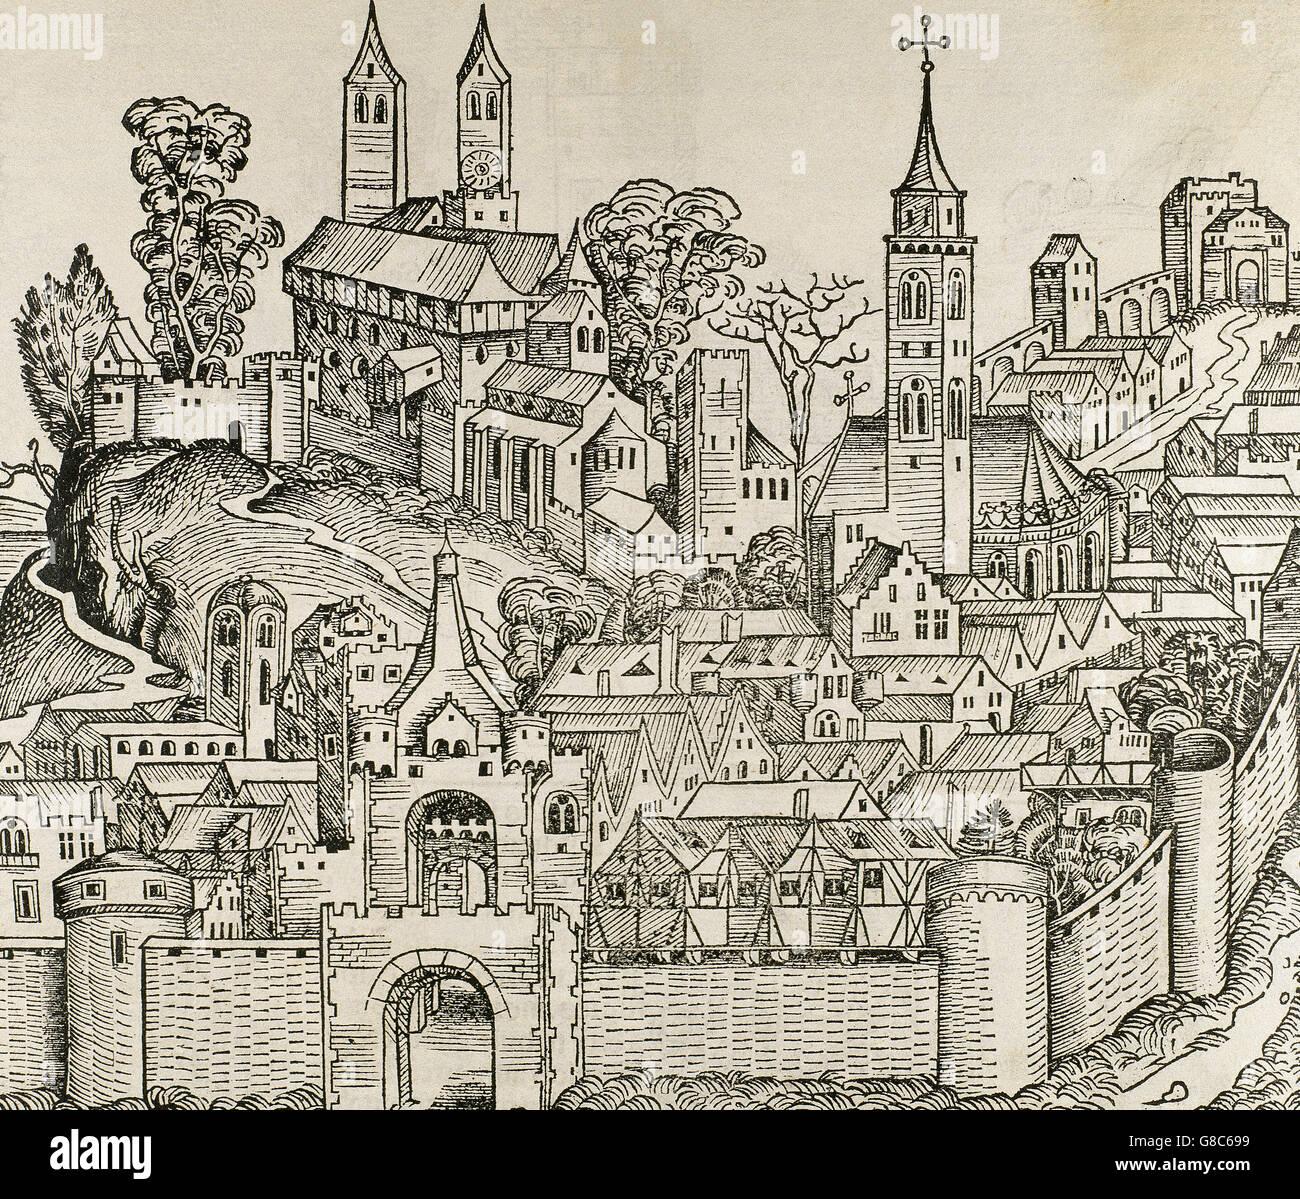 Italien. Perugia. Die Stadt im 16. Jahrhundert. Gravur. Stockbild